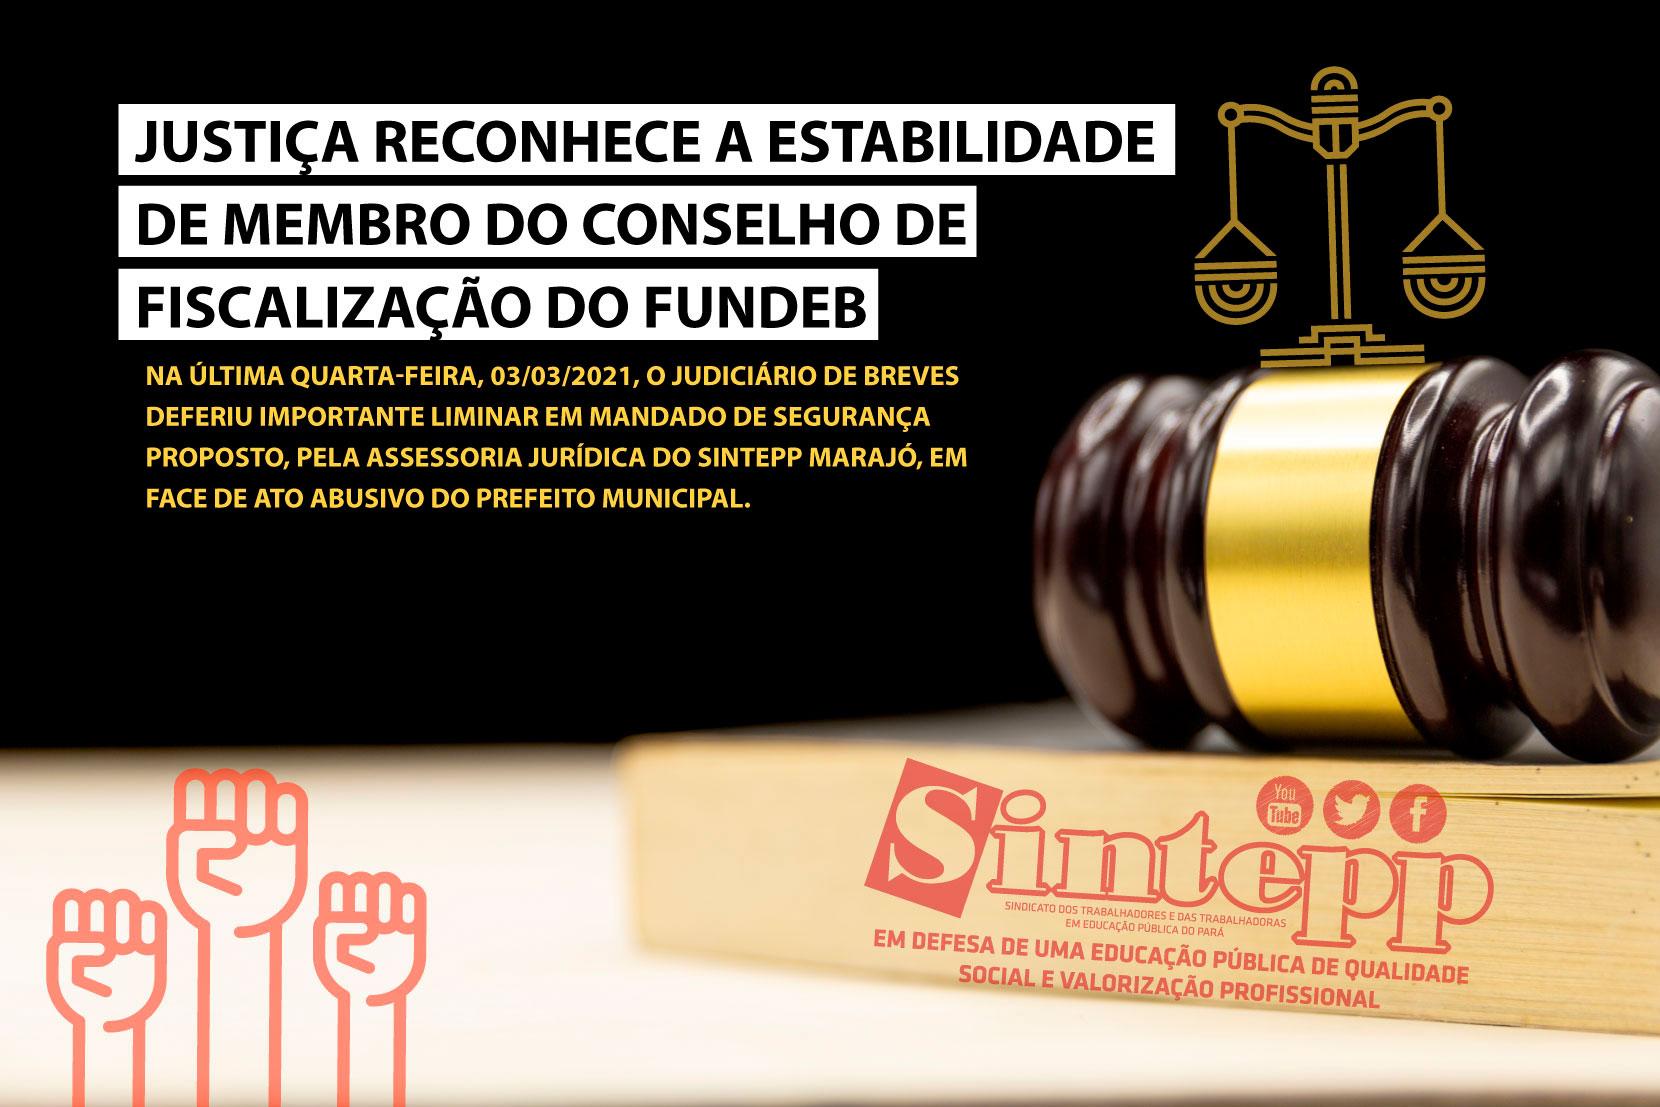 Justiça reconhece a estabilidade de membro do Conselho de Fiscalização do FUNDEB